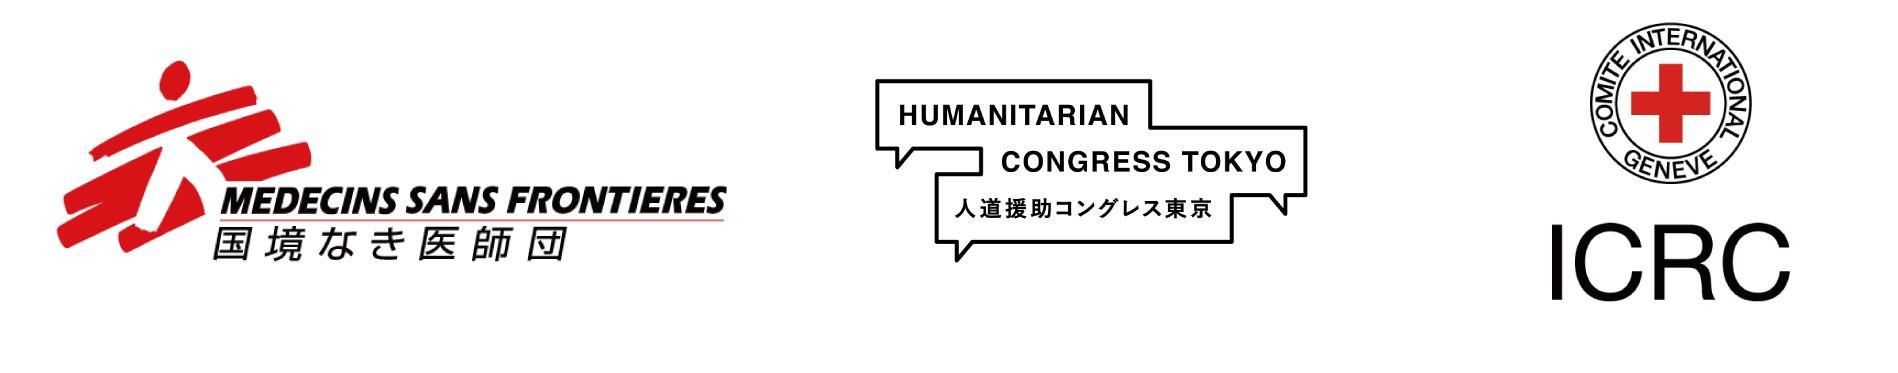 国境なき医師団と赤十字国際委員会は共同開催する人道コングレス2021の画像